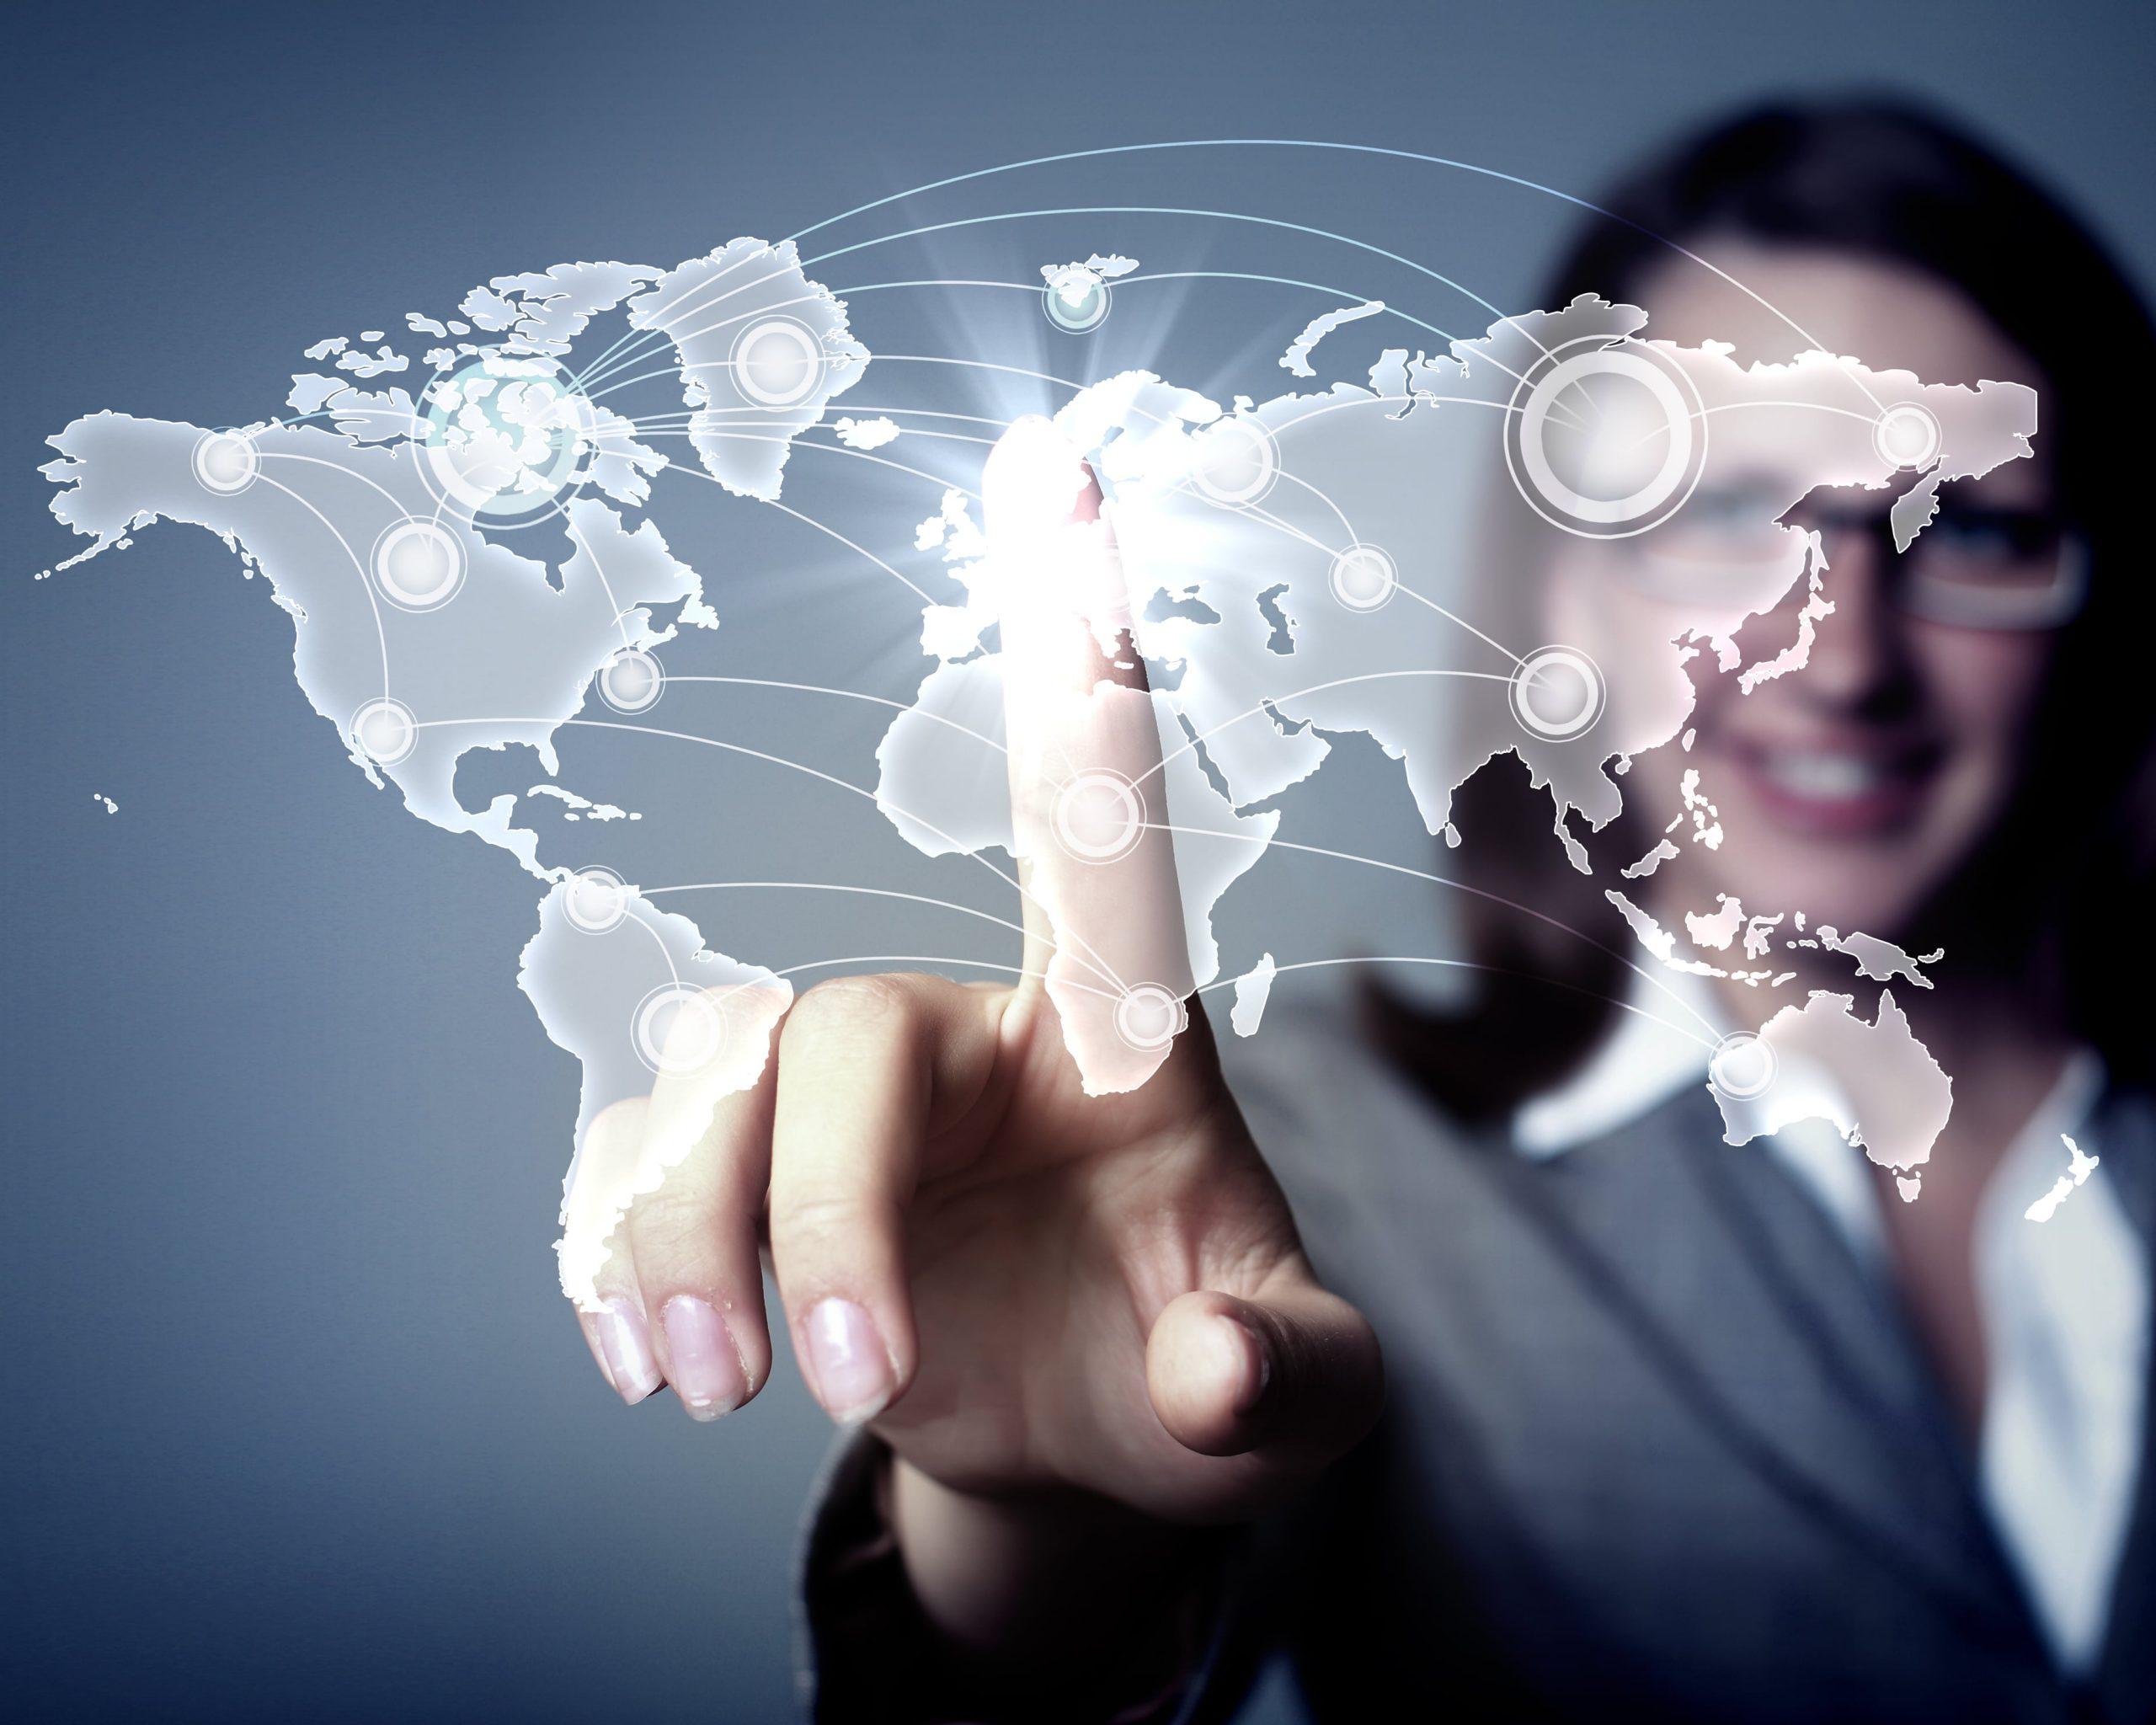 Vernetzter Globus